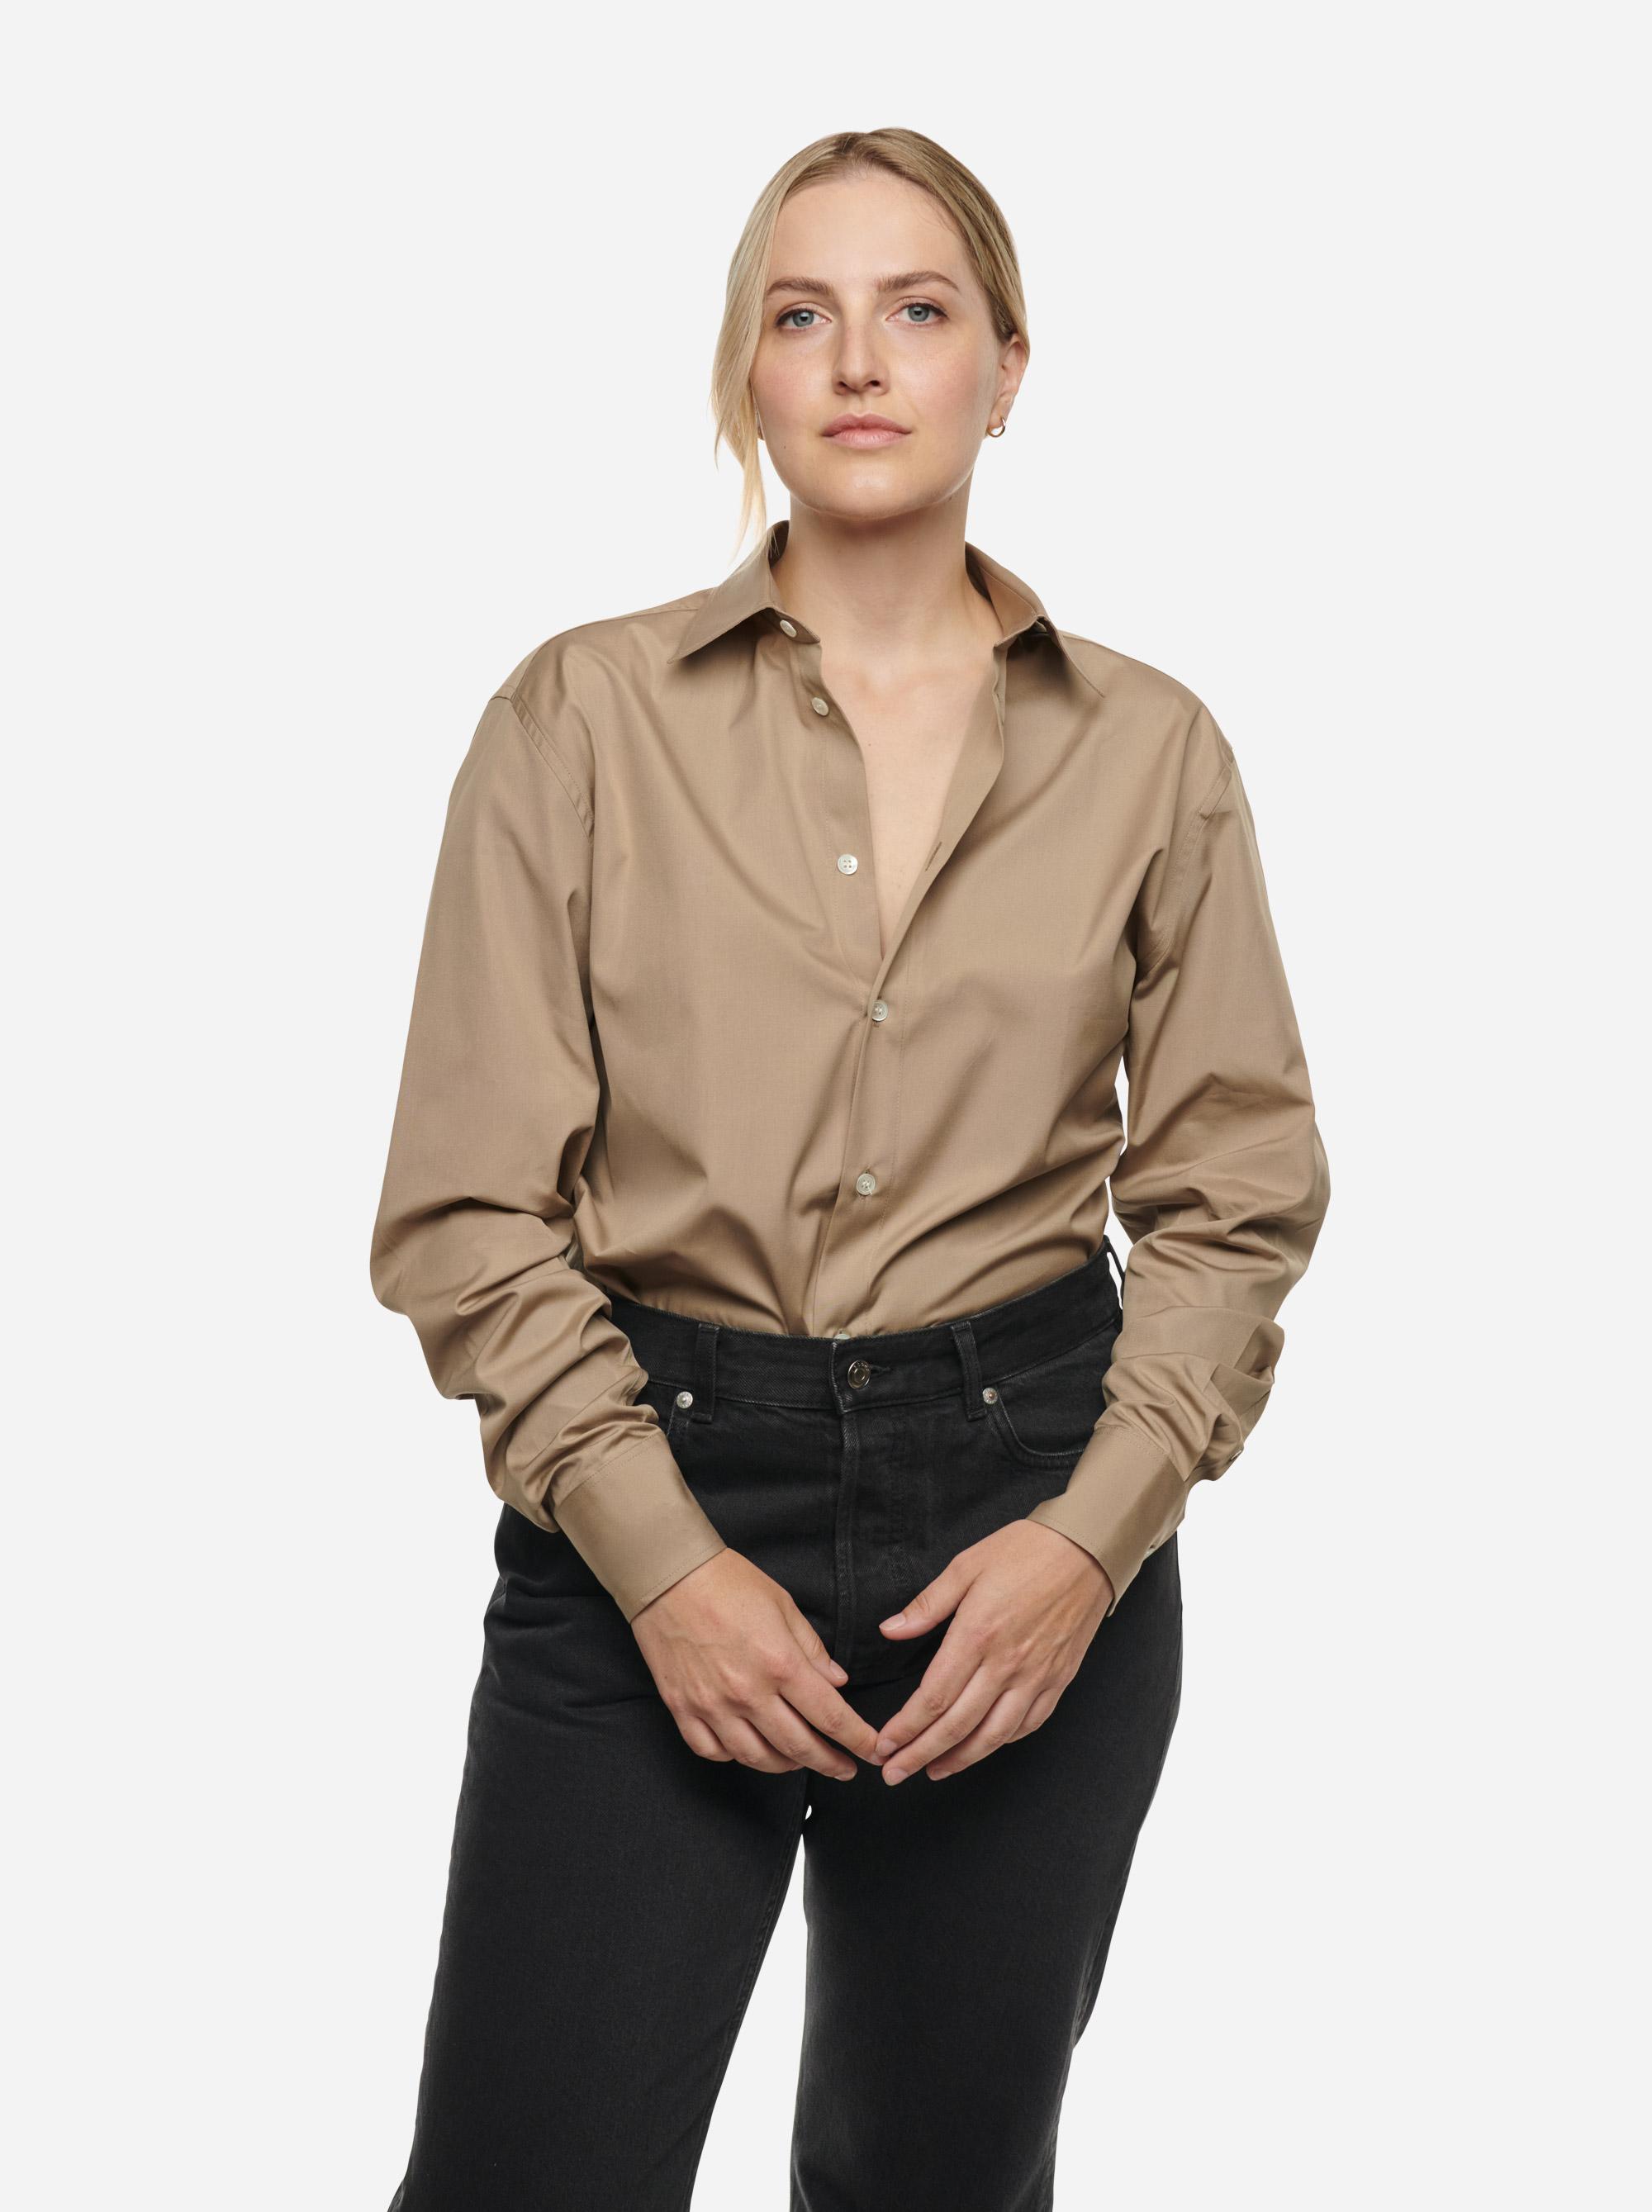 Teym-Shirt-Beige_women-mens-2